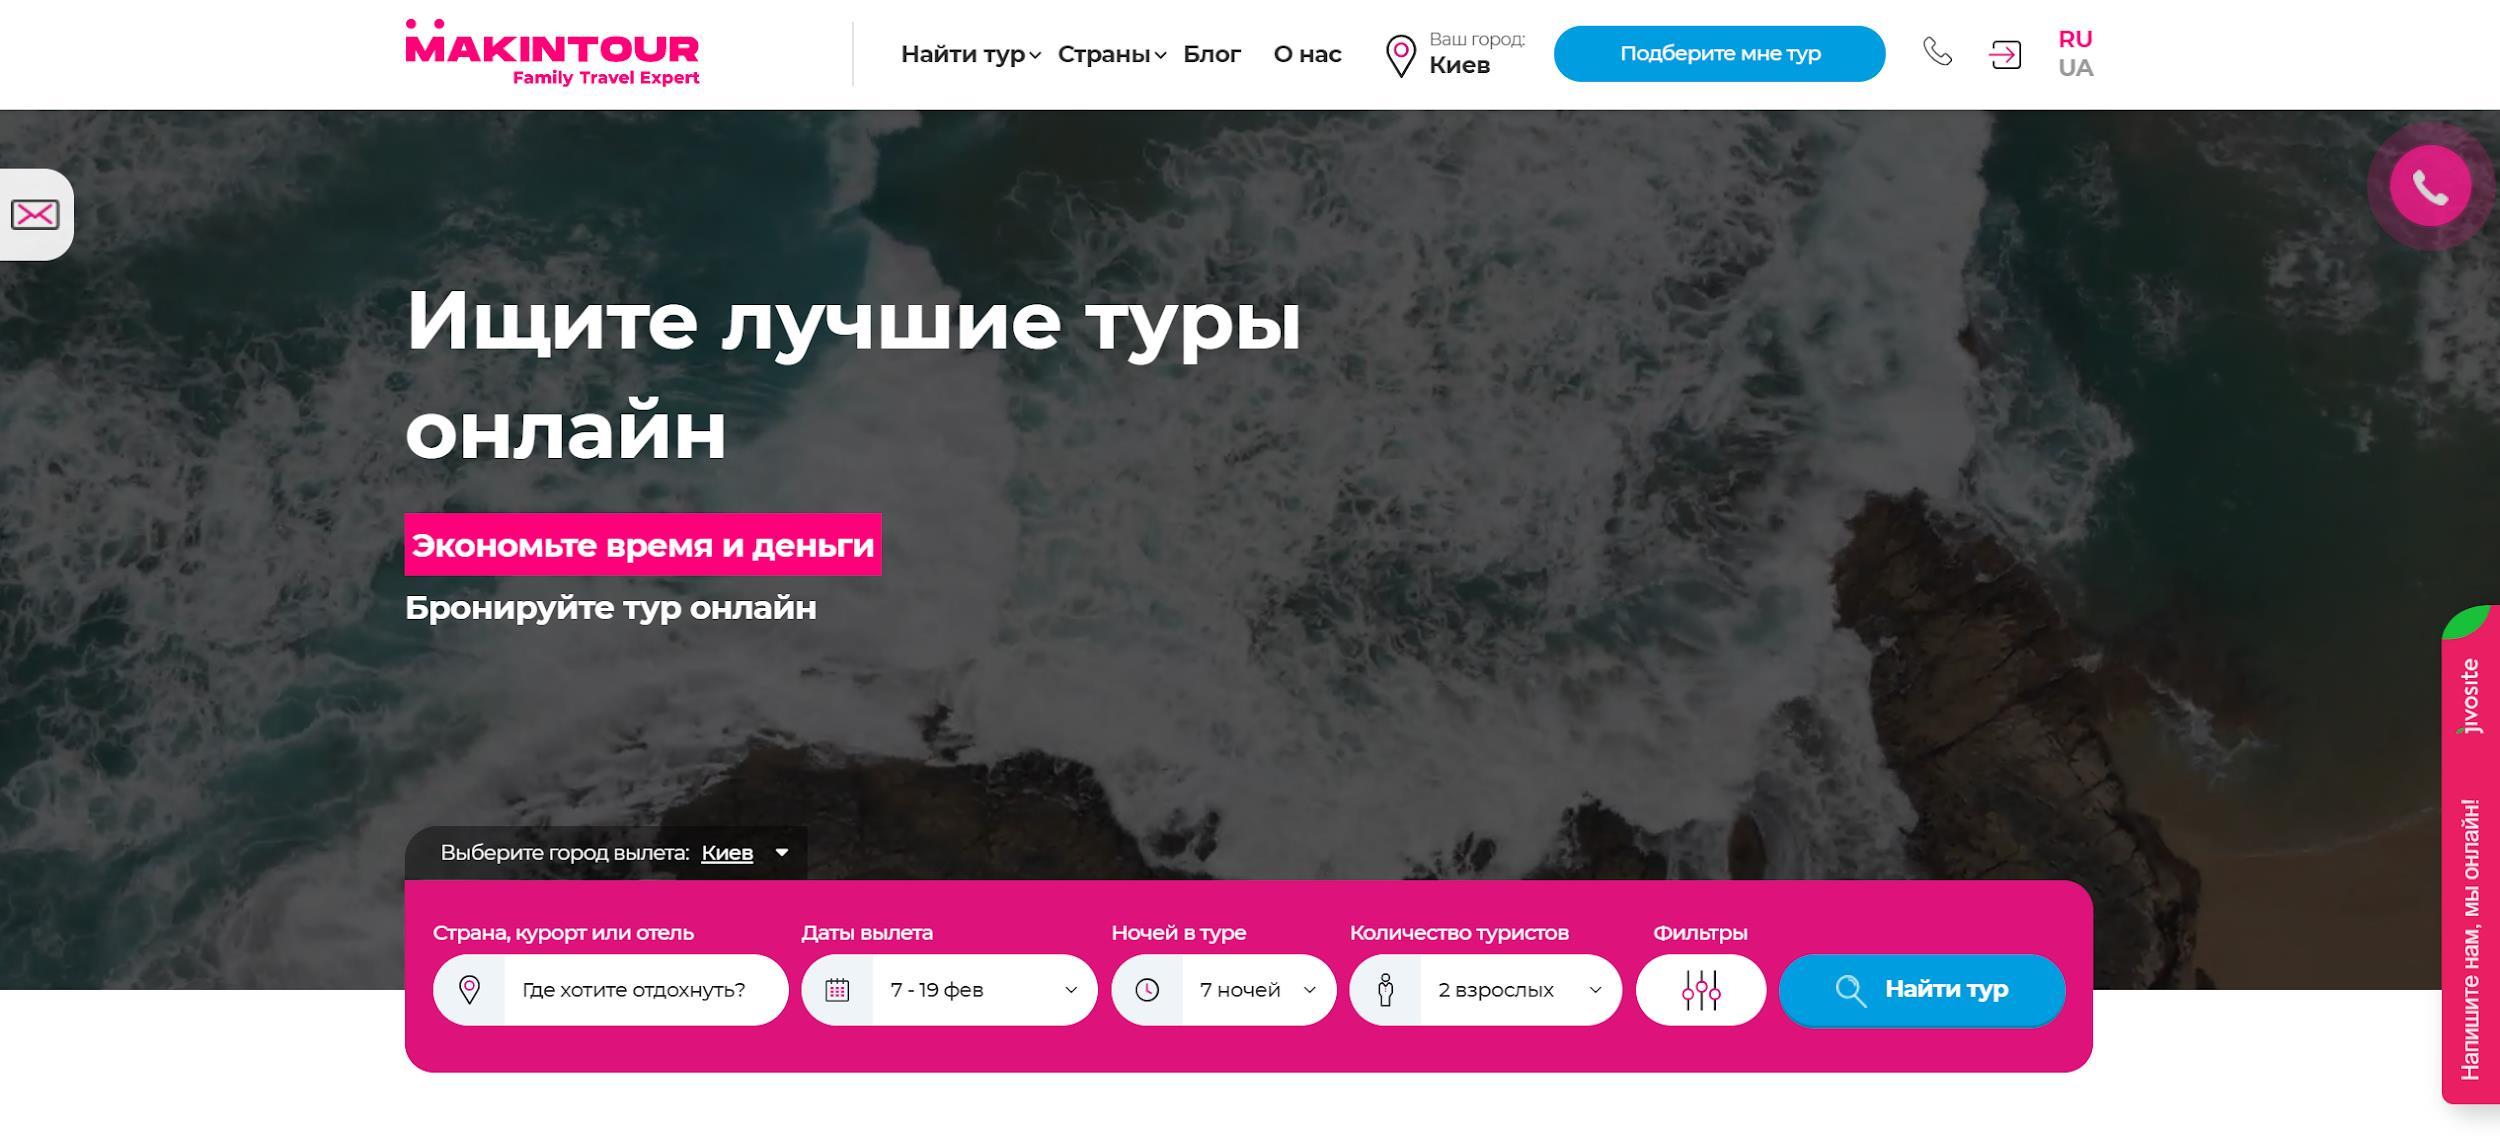 сеть туристических агентств makintour